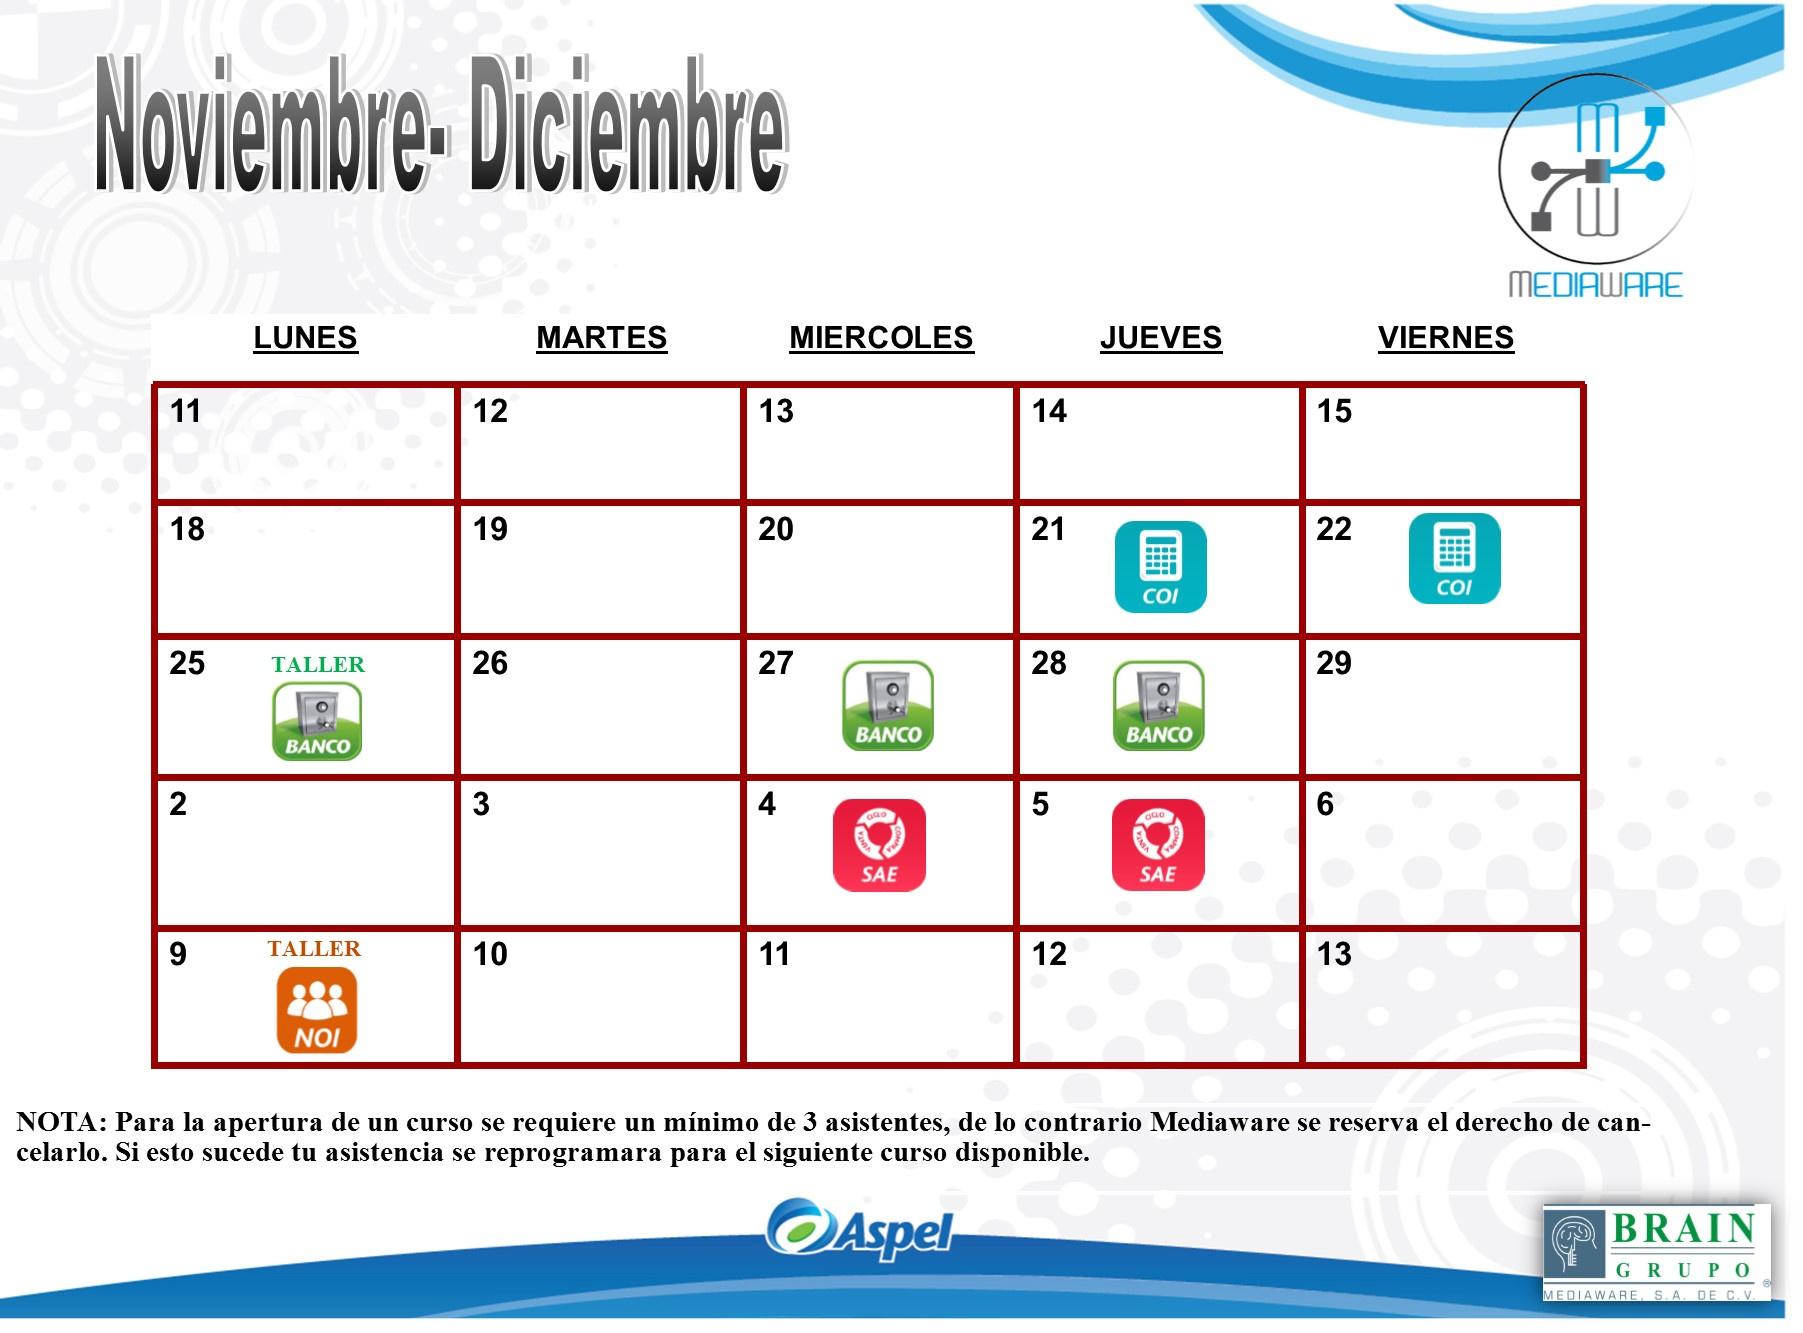 https://0201.nccdn.net/1_2/000/000/198/2ec/Calendario-Noviembre-Diciembre-1803x1333.jpg